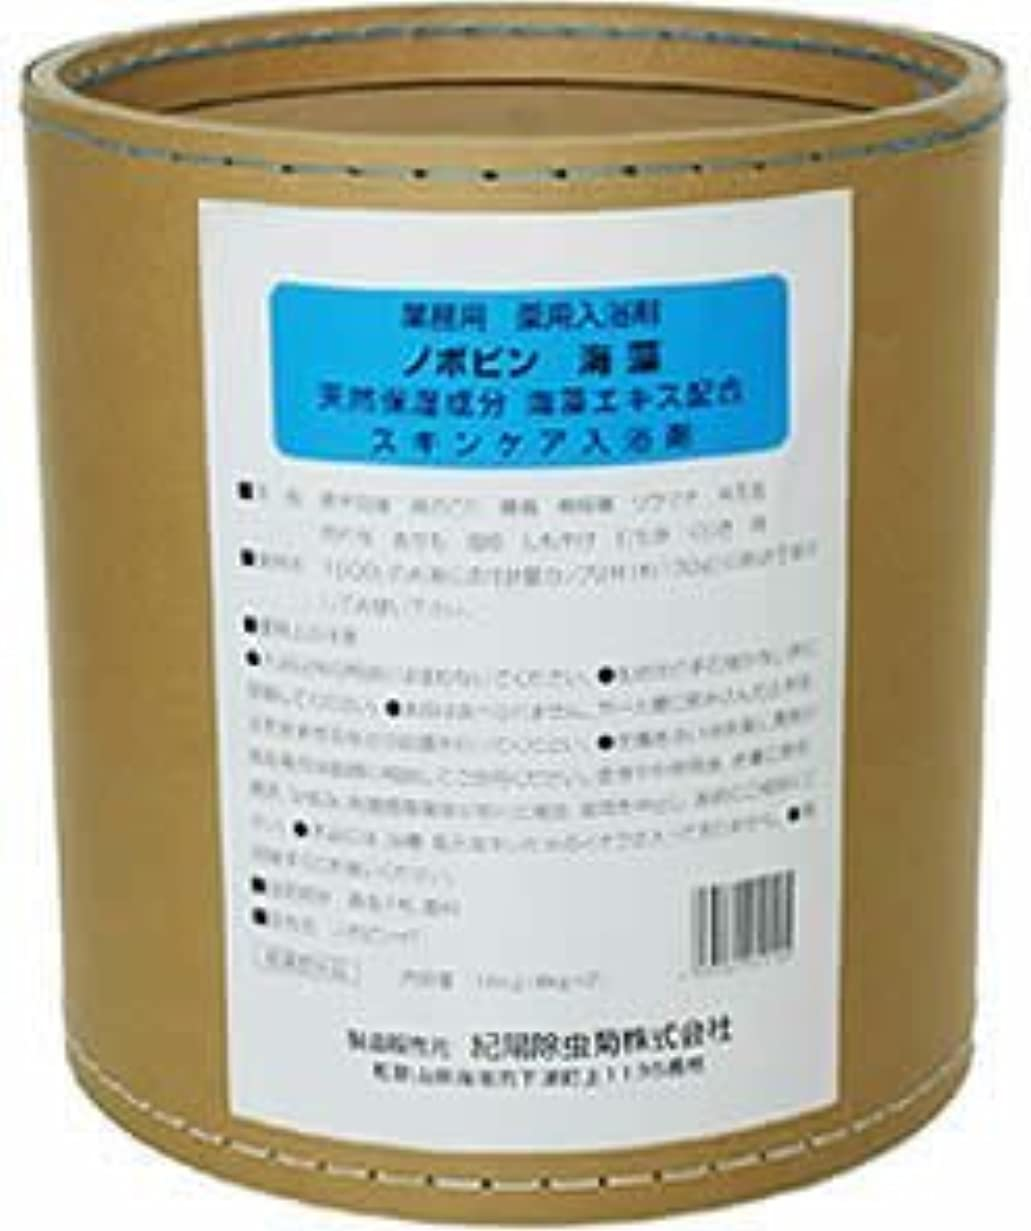 産地スクワイアの頭の上業務用 入浴剤 ノボピン 海藻 16kg(8kg*2)